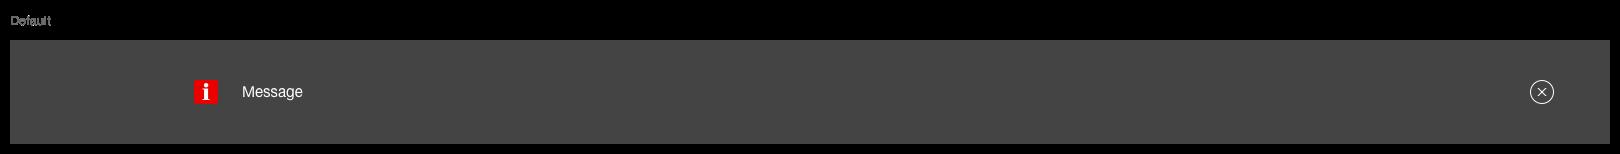 Darstellung der Komponente Ghettobox in der Ausprägung Standard